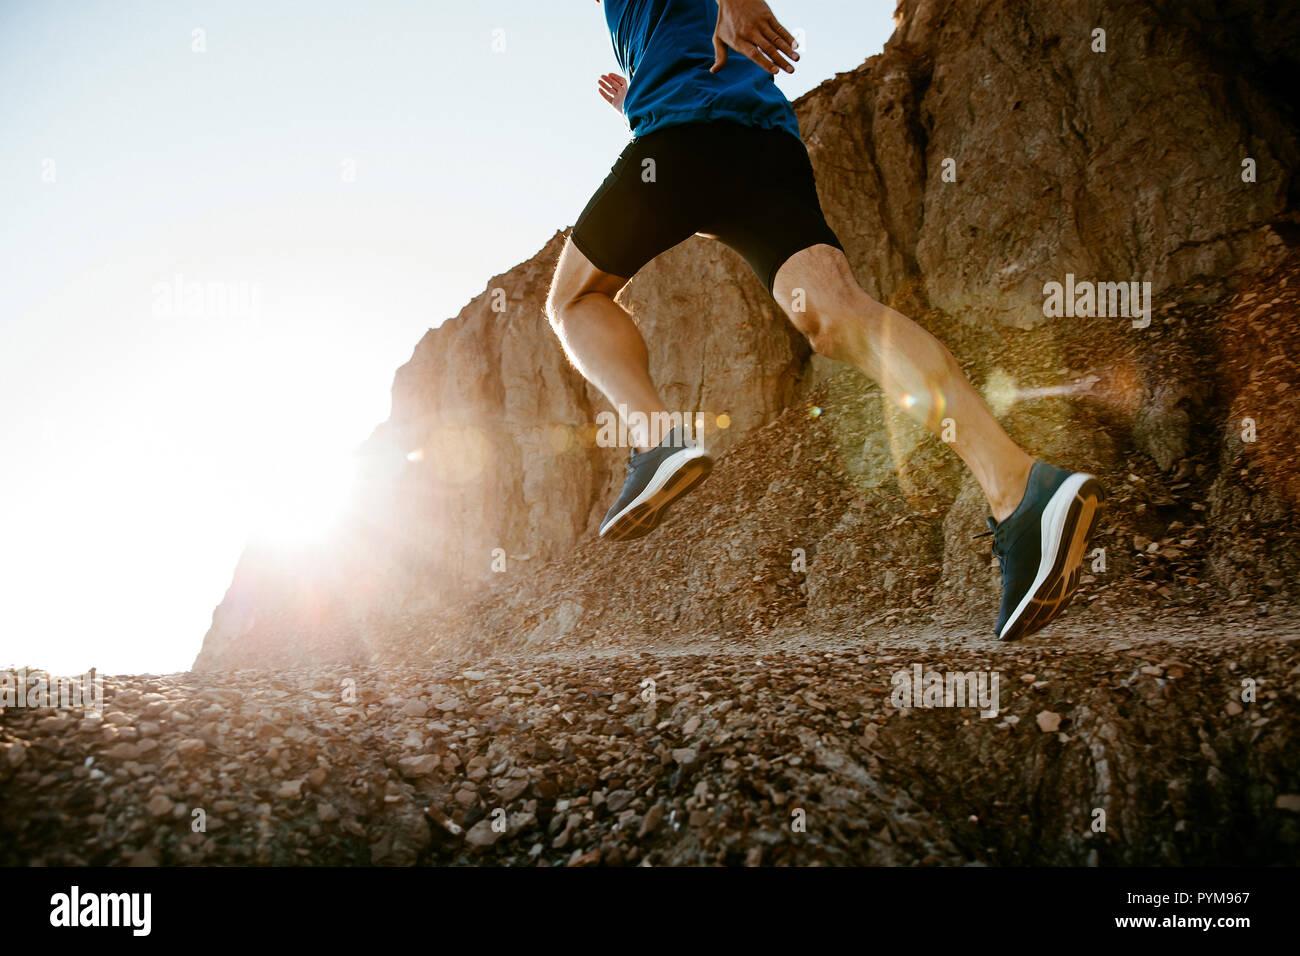 Homme d'âge moyen de vie sain runner s'exécutant sur sentier de montagne au coucher du soleil Banque D'Images